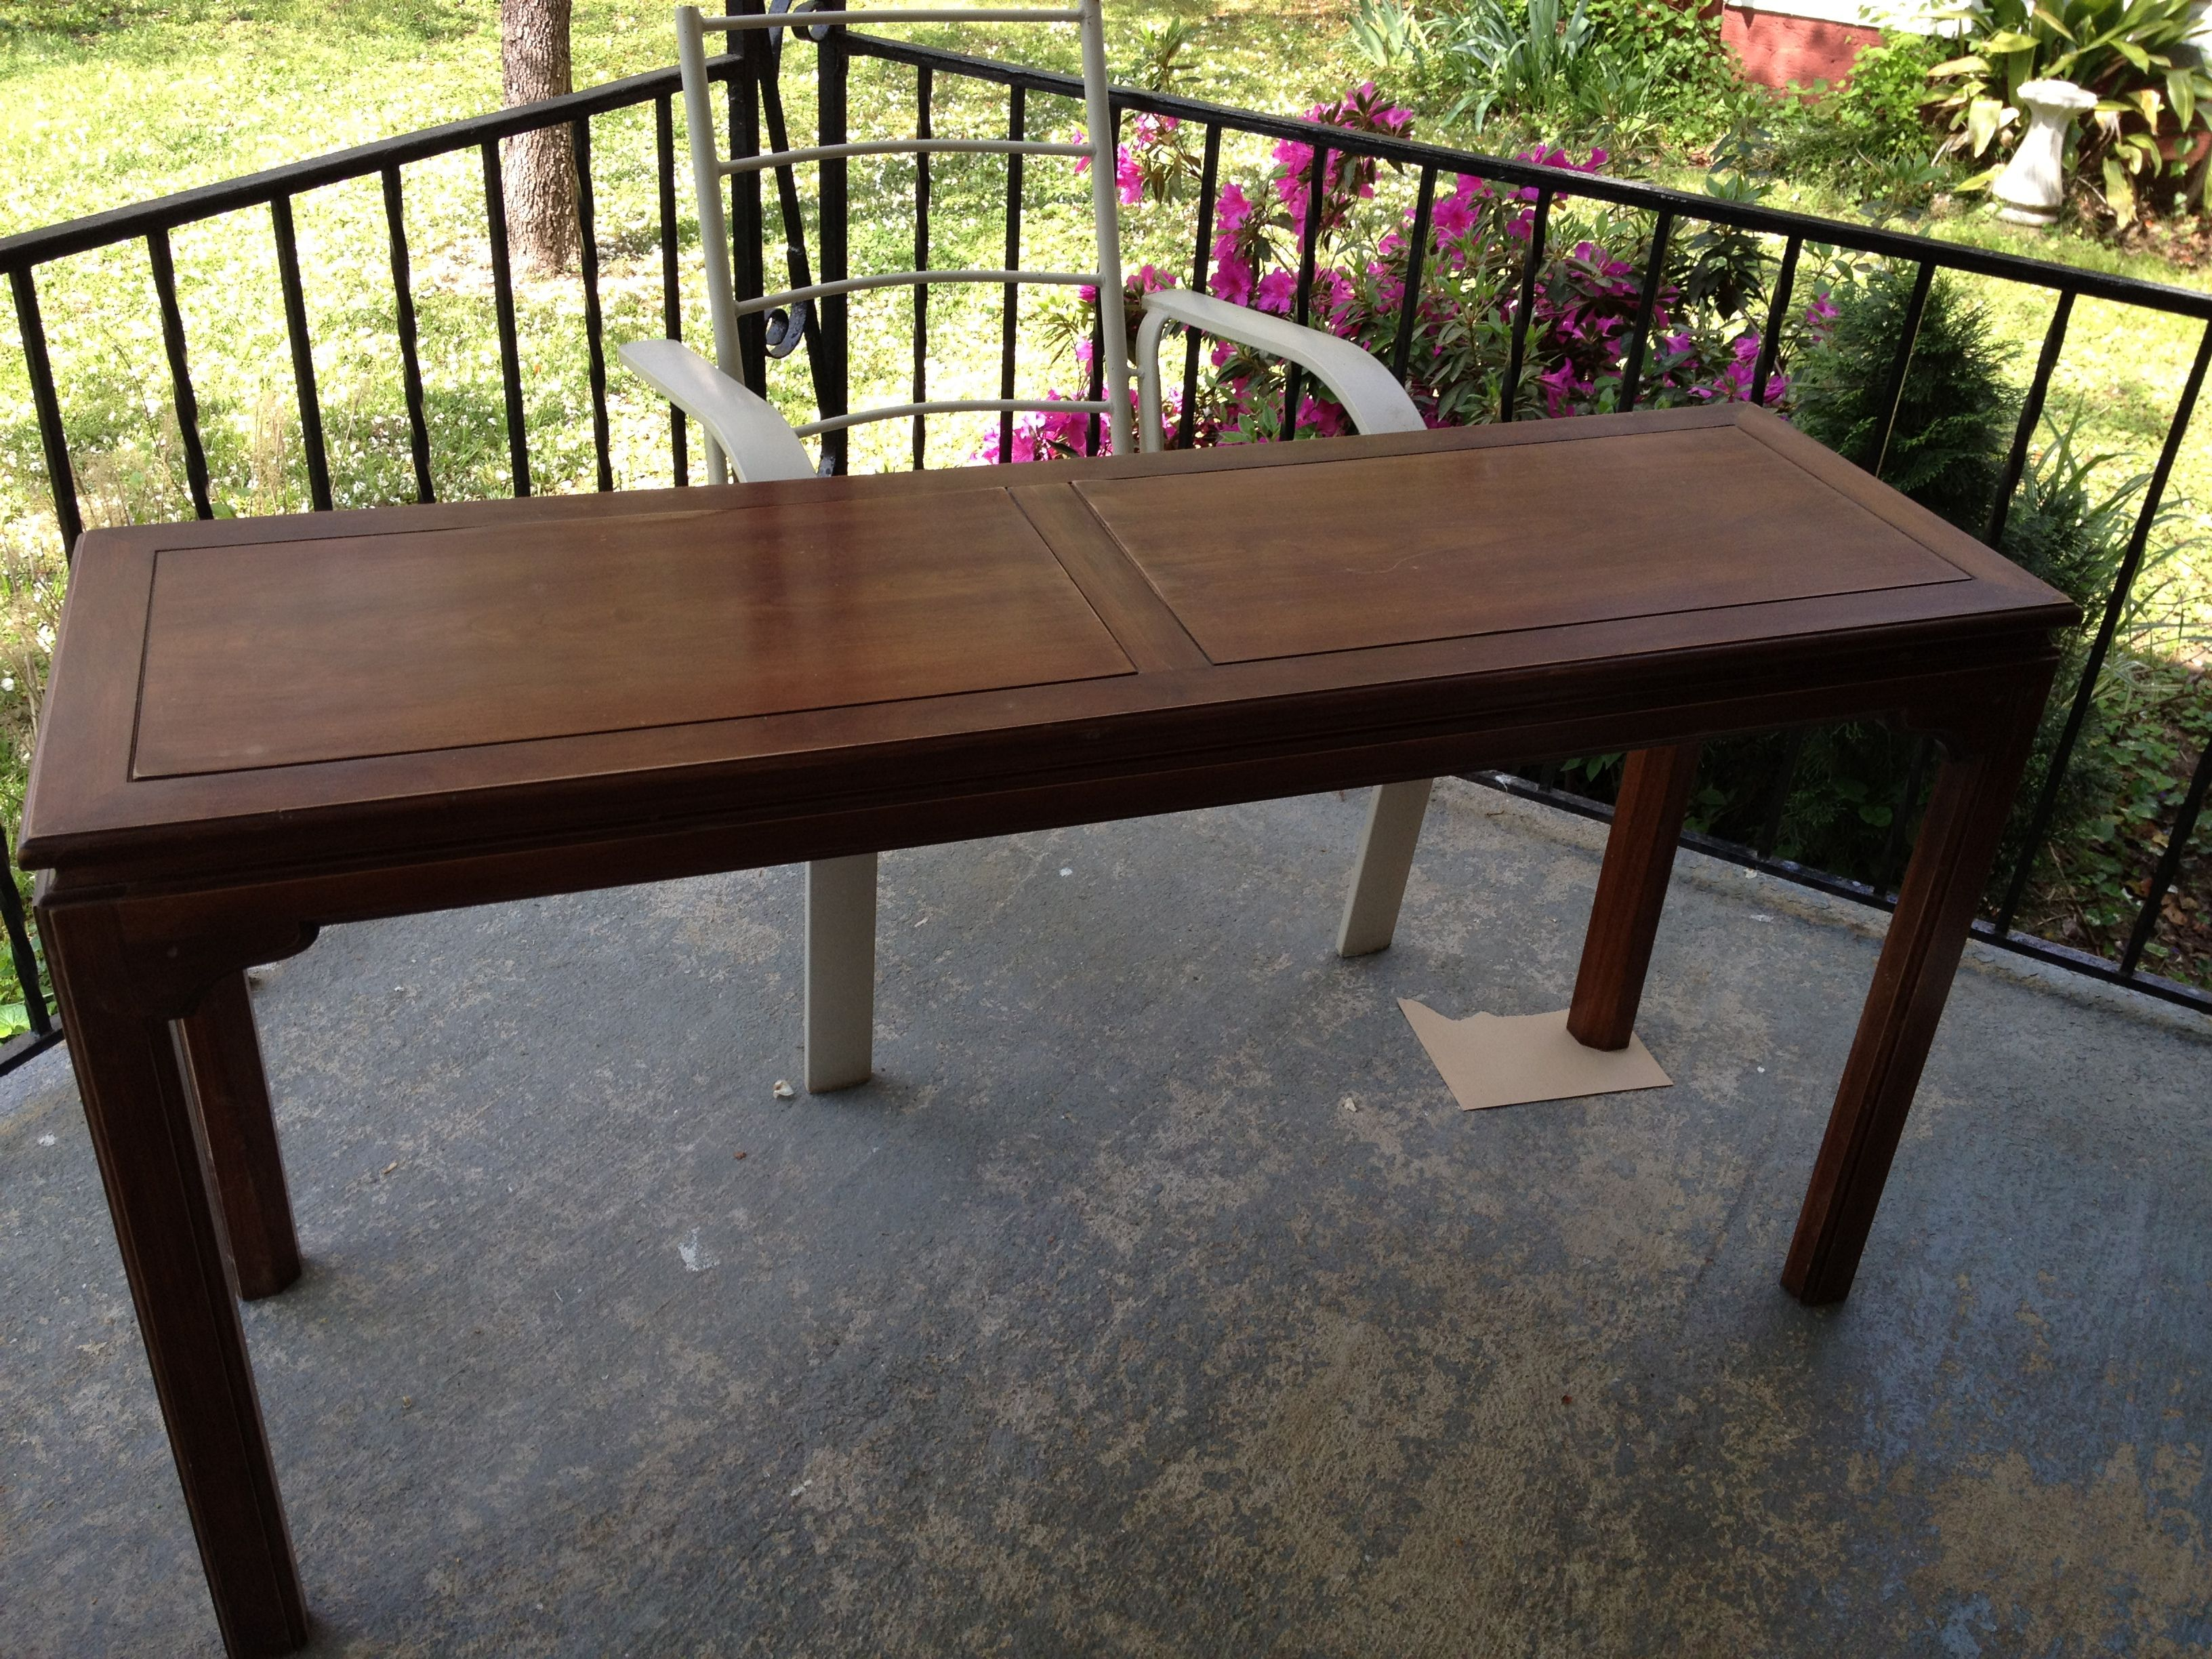 Admirable 10 Yard Sale Ethan Allen Sofa Table Going To Paint It Green Inzonedesignstudio Interior Chair Design Inzonedesignstudiocom